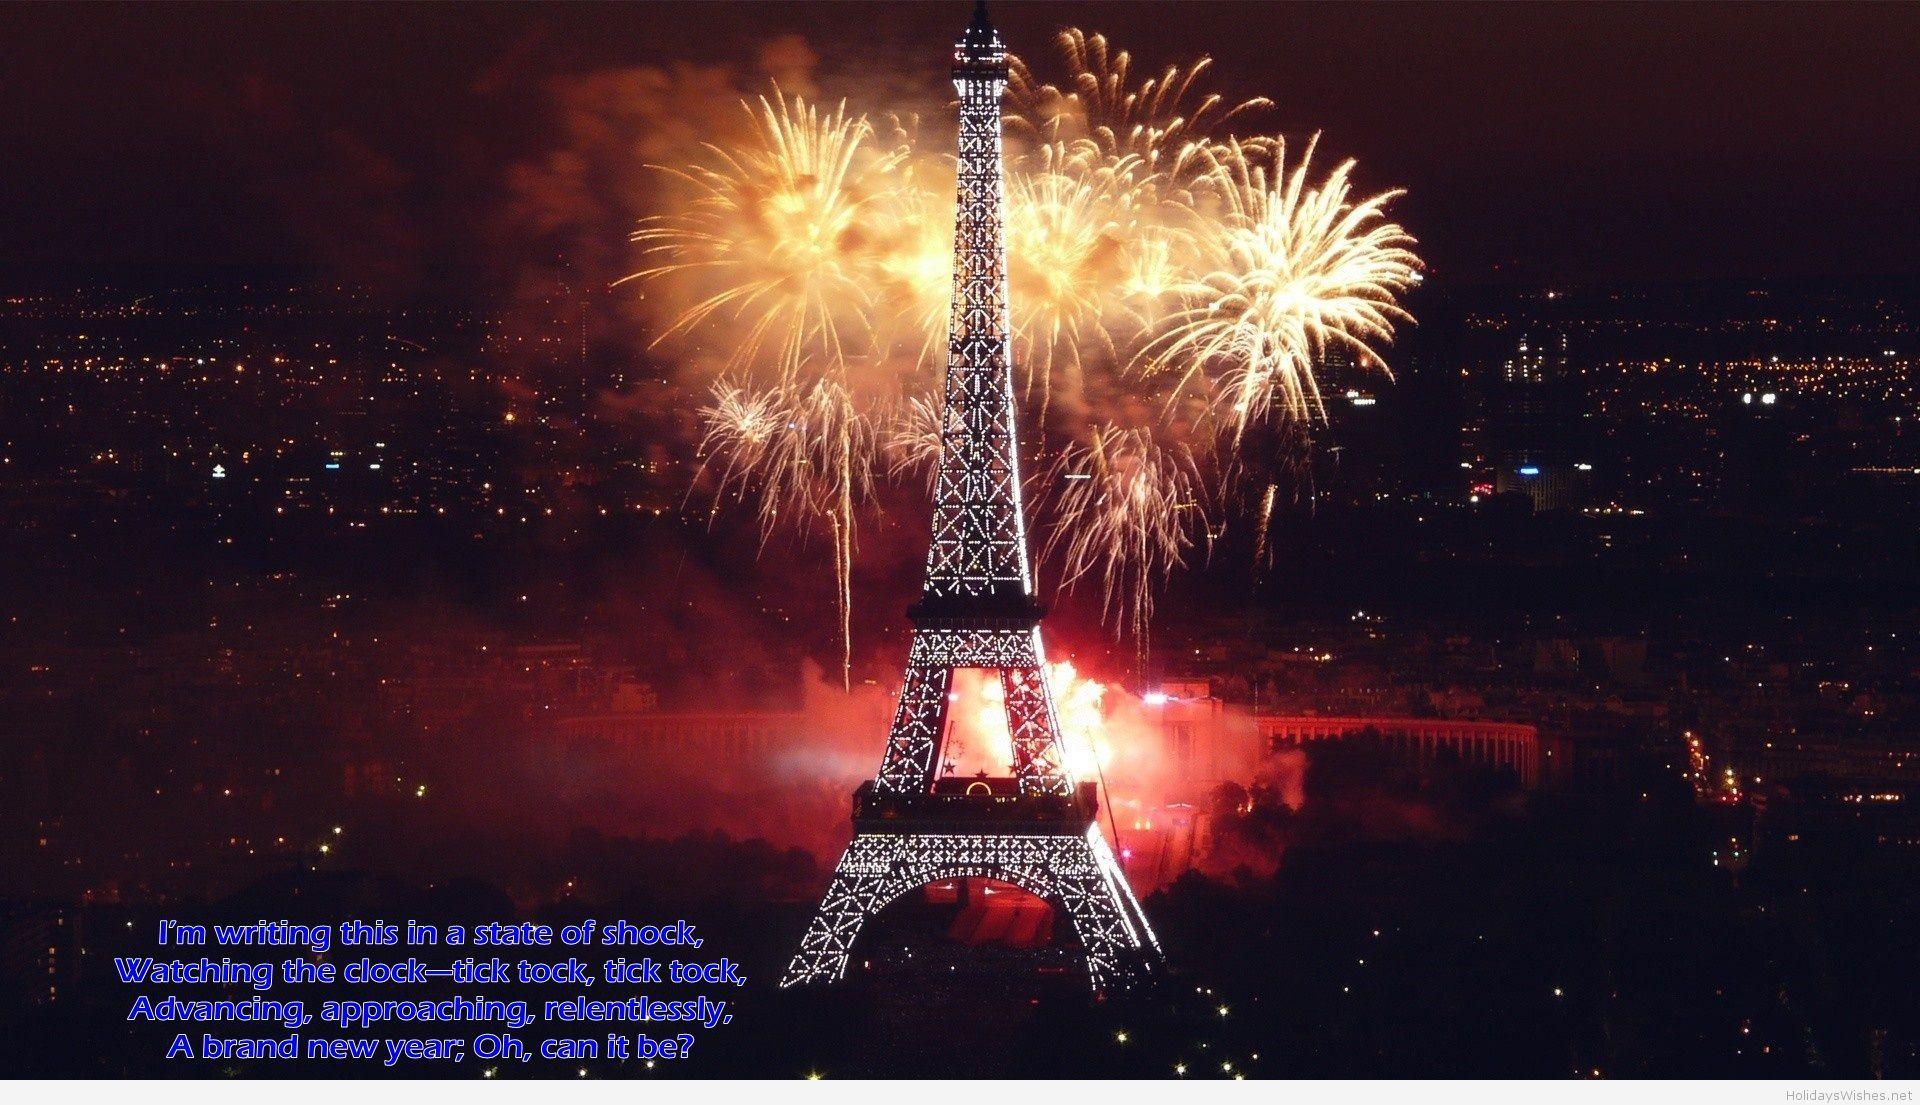 paris happy new year hd fireworks fotografia ciudades fotos fondo de pantalla hd